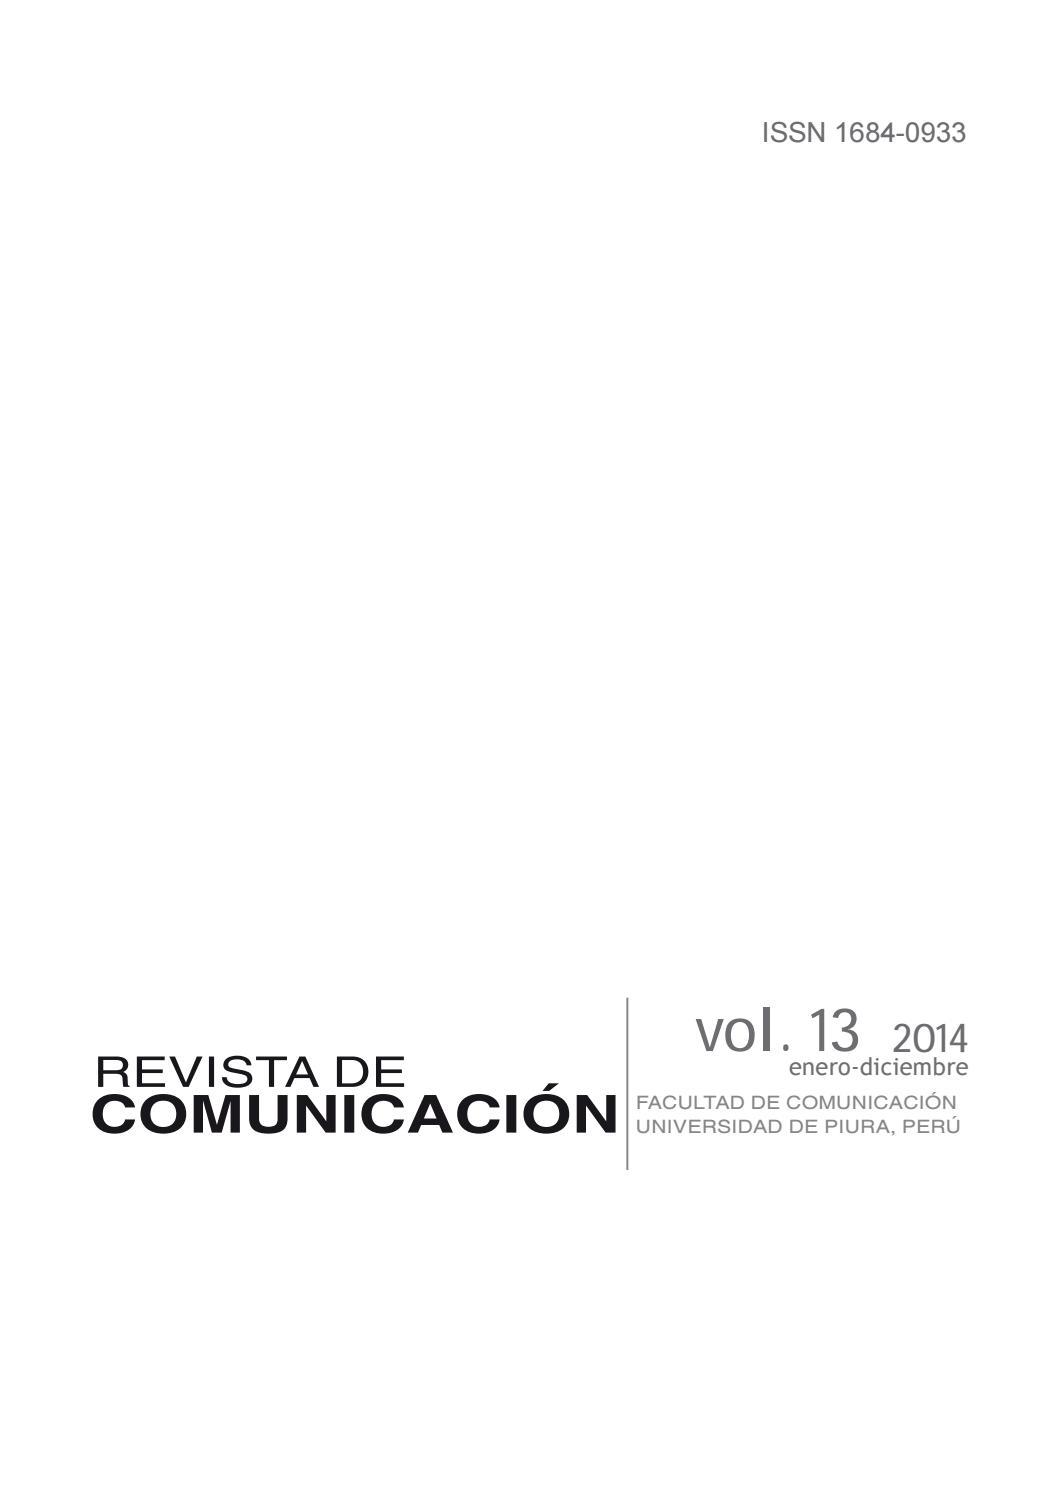 Revista De Comunicaci N Vol Xiii 2014 Universidad De Piura By  # Muebles Teofilo Aguilar De Campoo